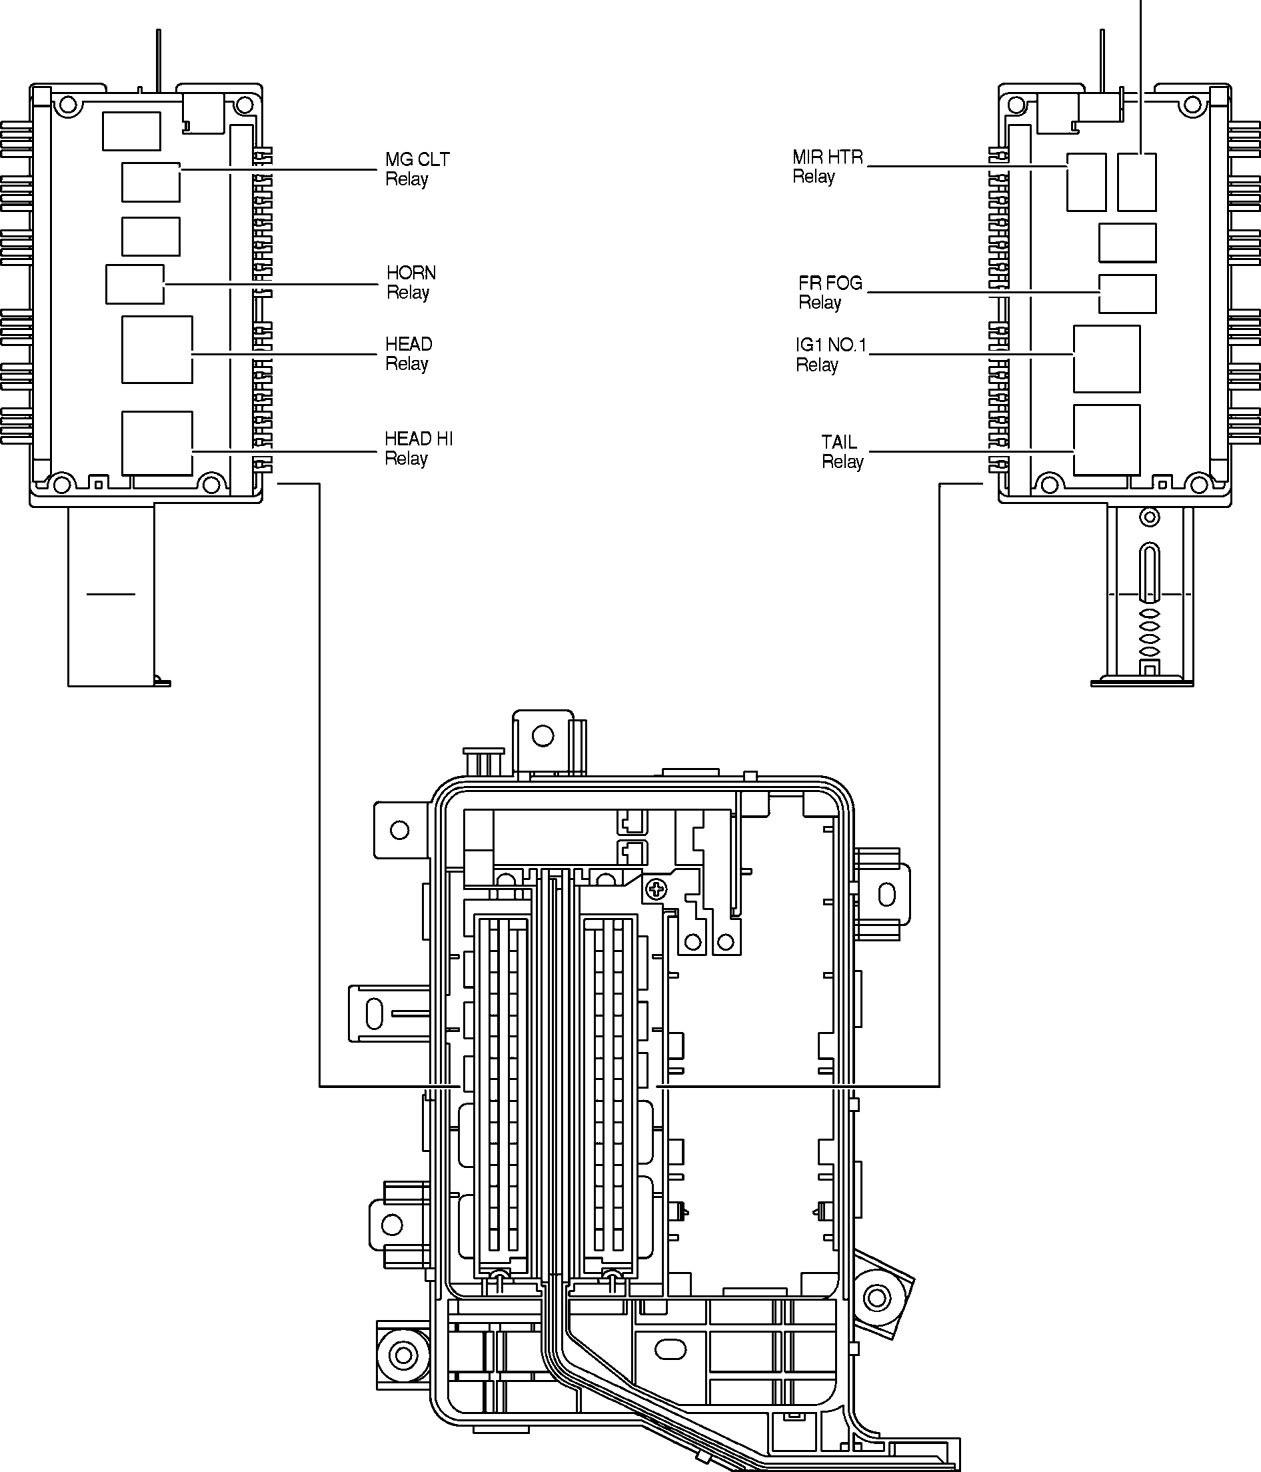 international 4700 starter wiring diagram on wiring diagram 2002